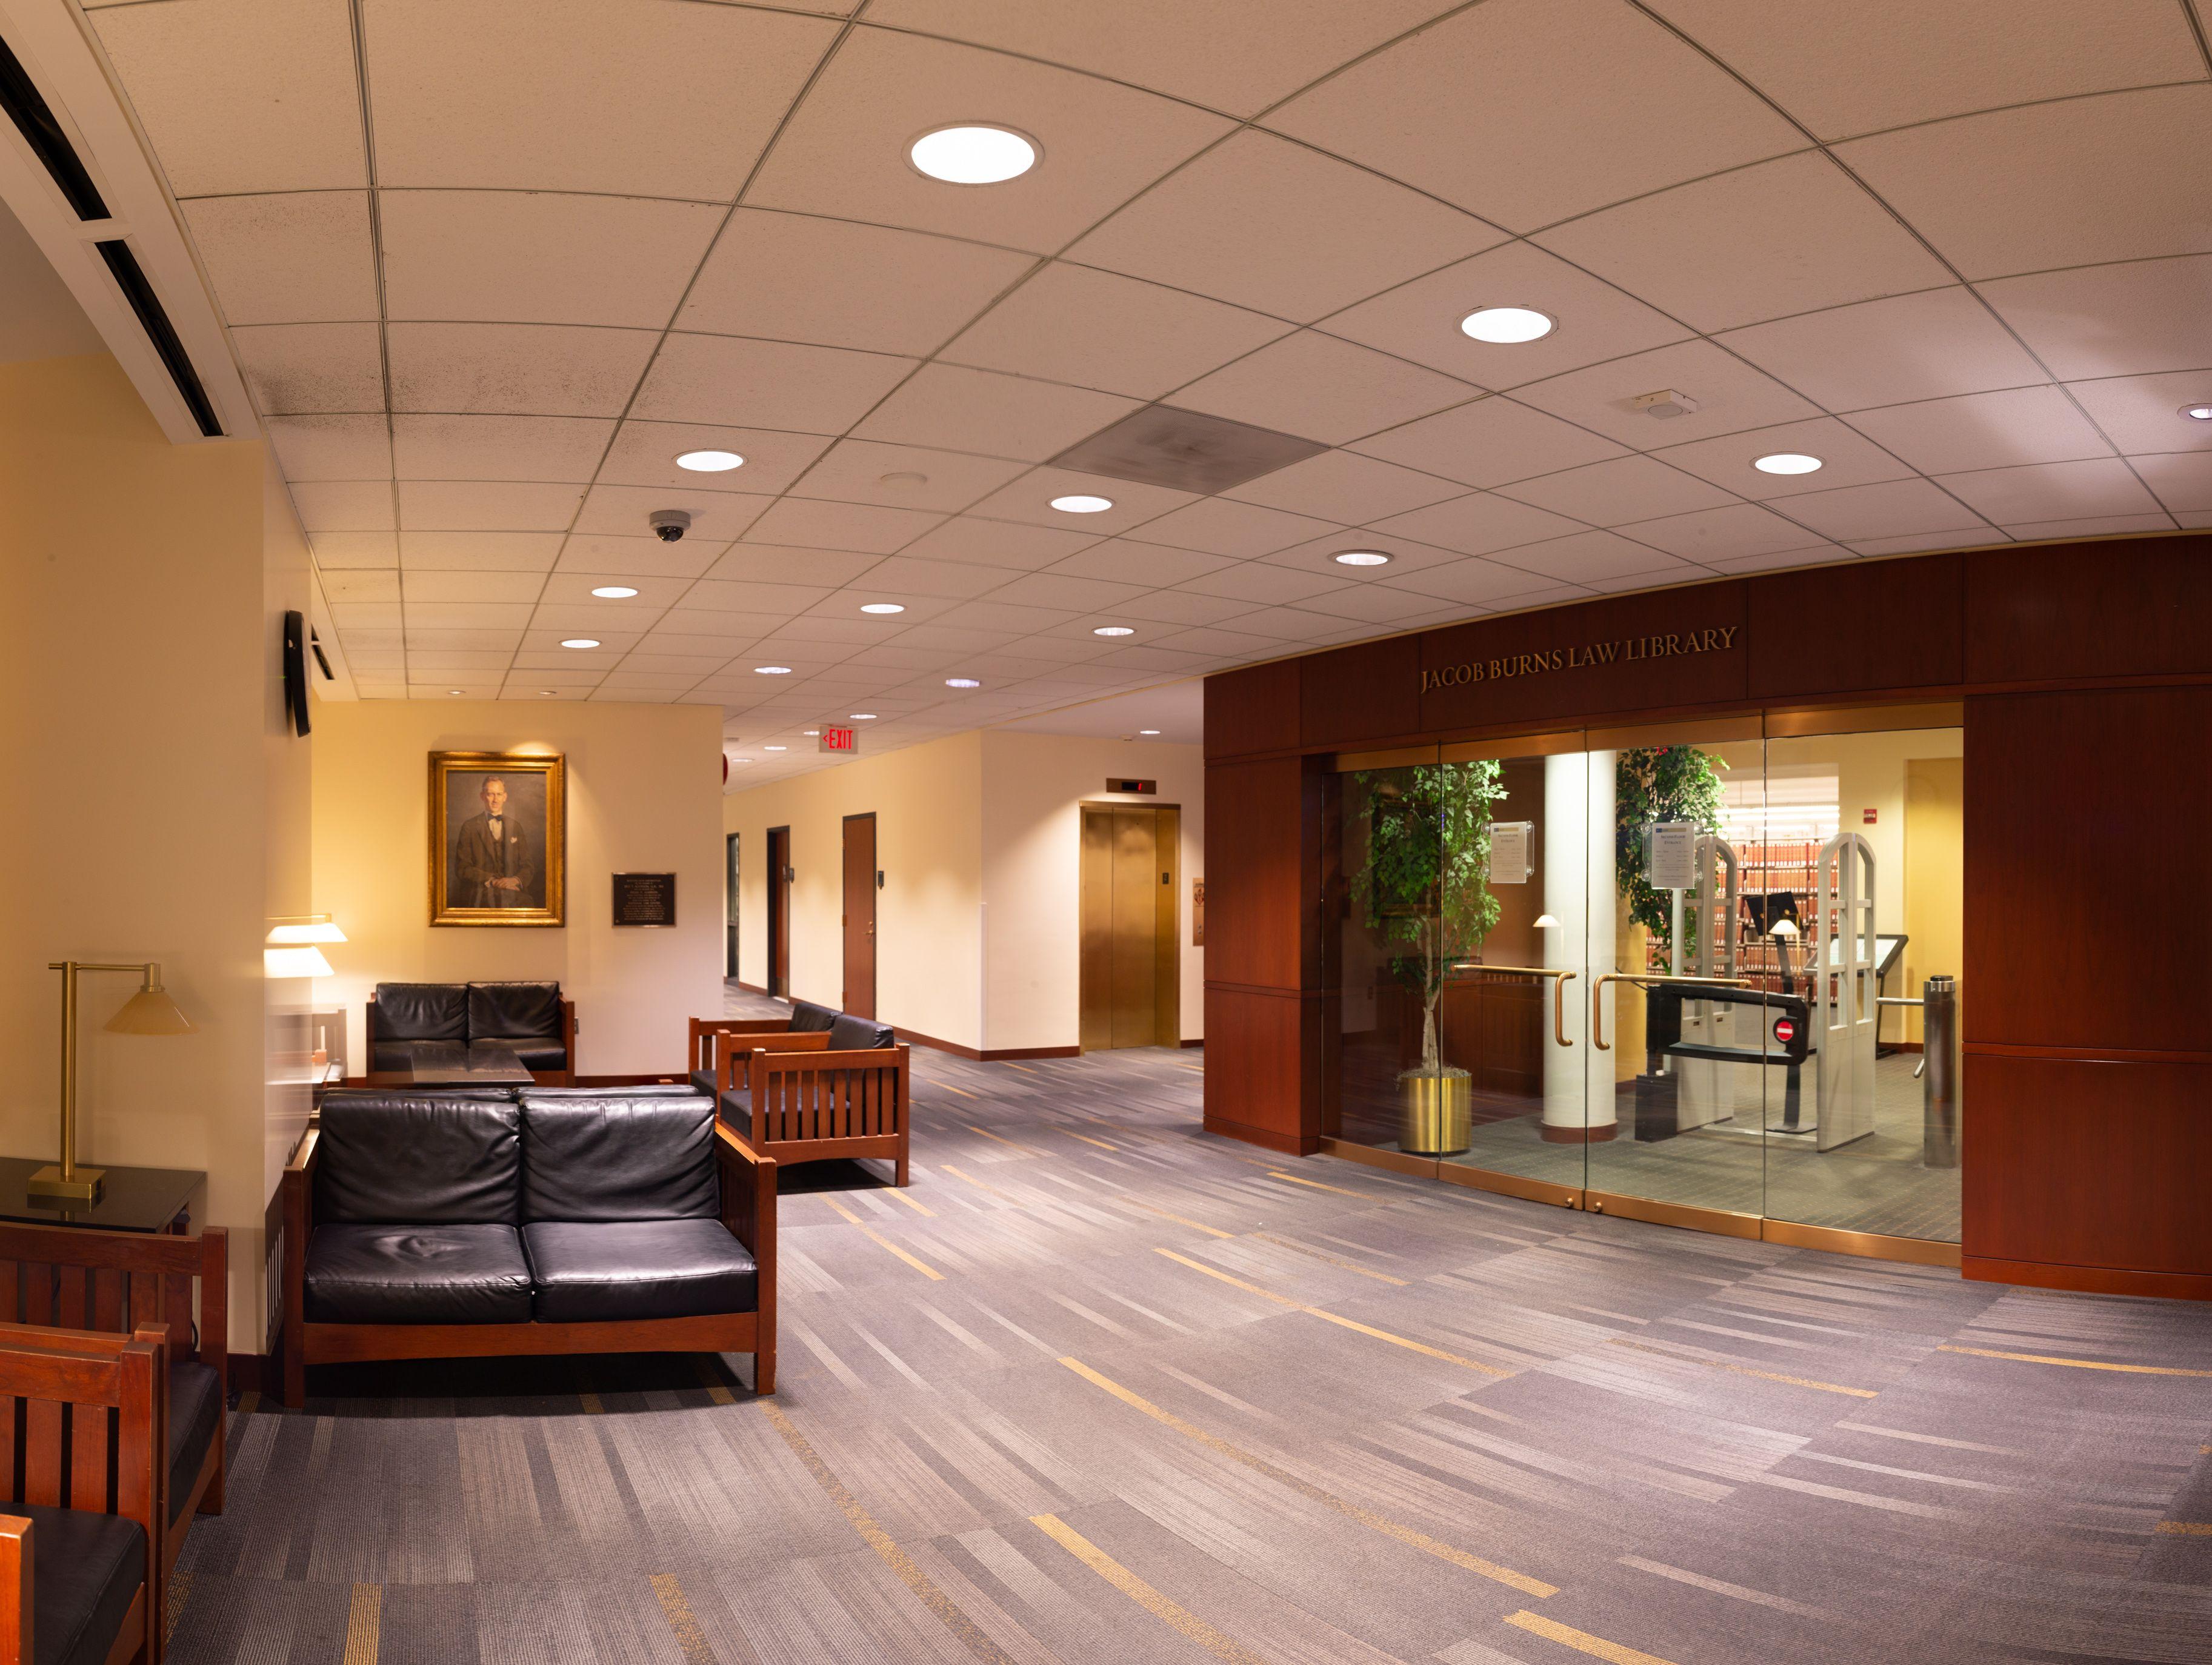 Gw Law Library Second Floor Entrance Second Floor Entrance Flooring